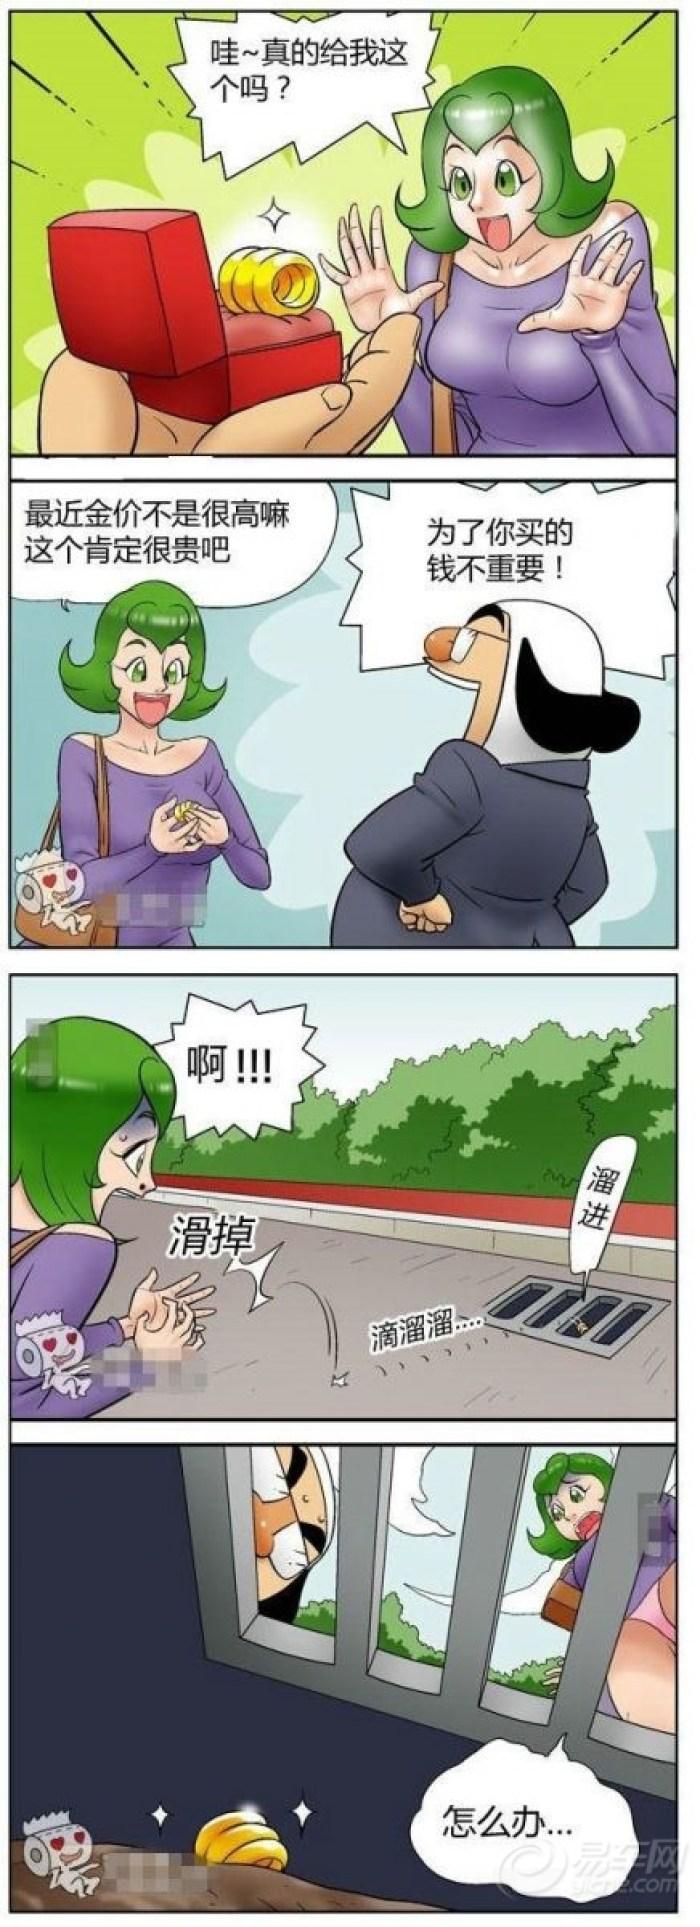 【戒指漫画:漫画】_河南内涵车友双受图片